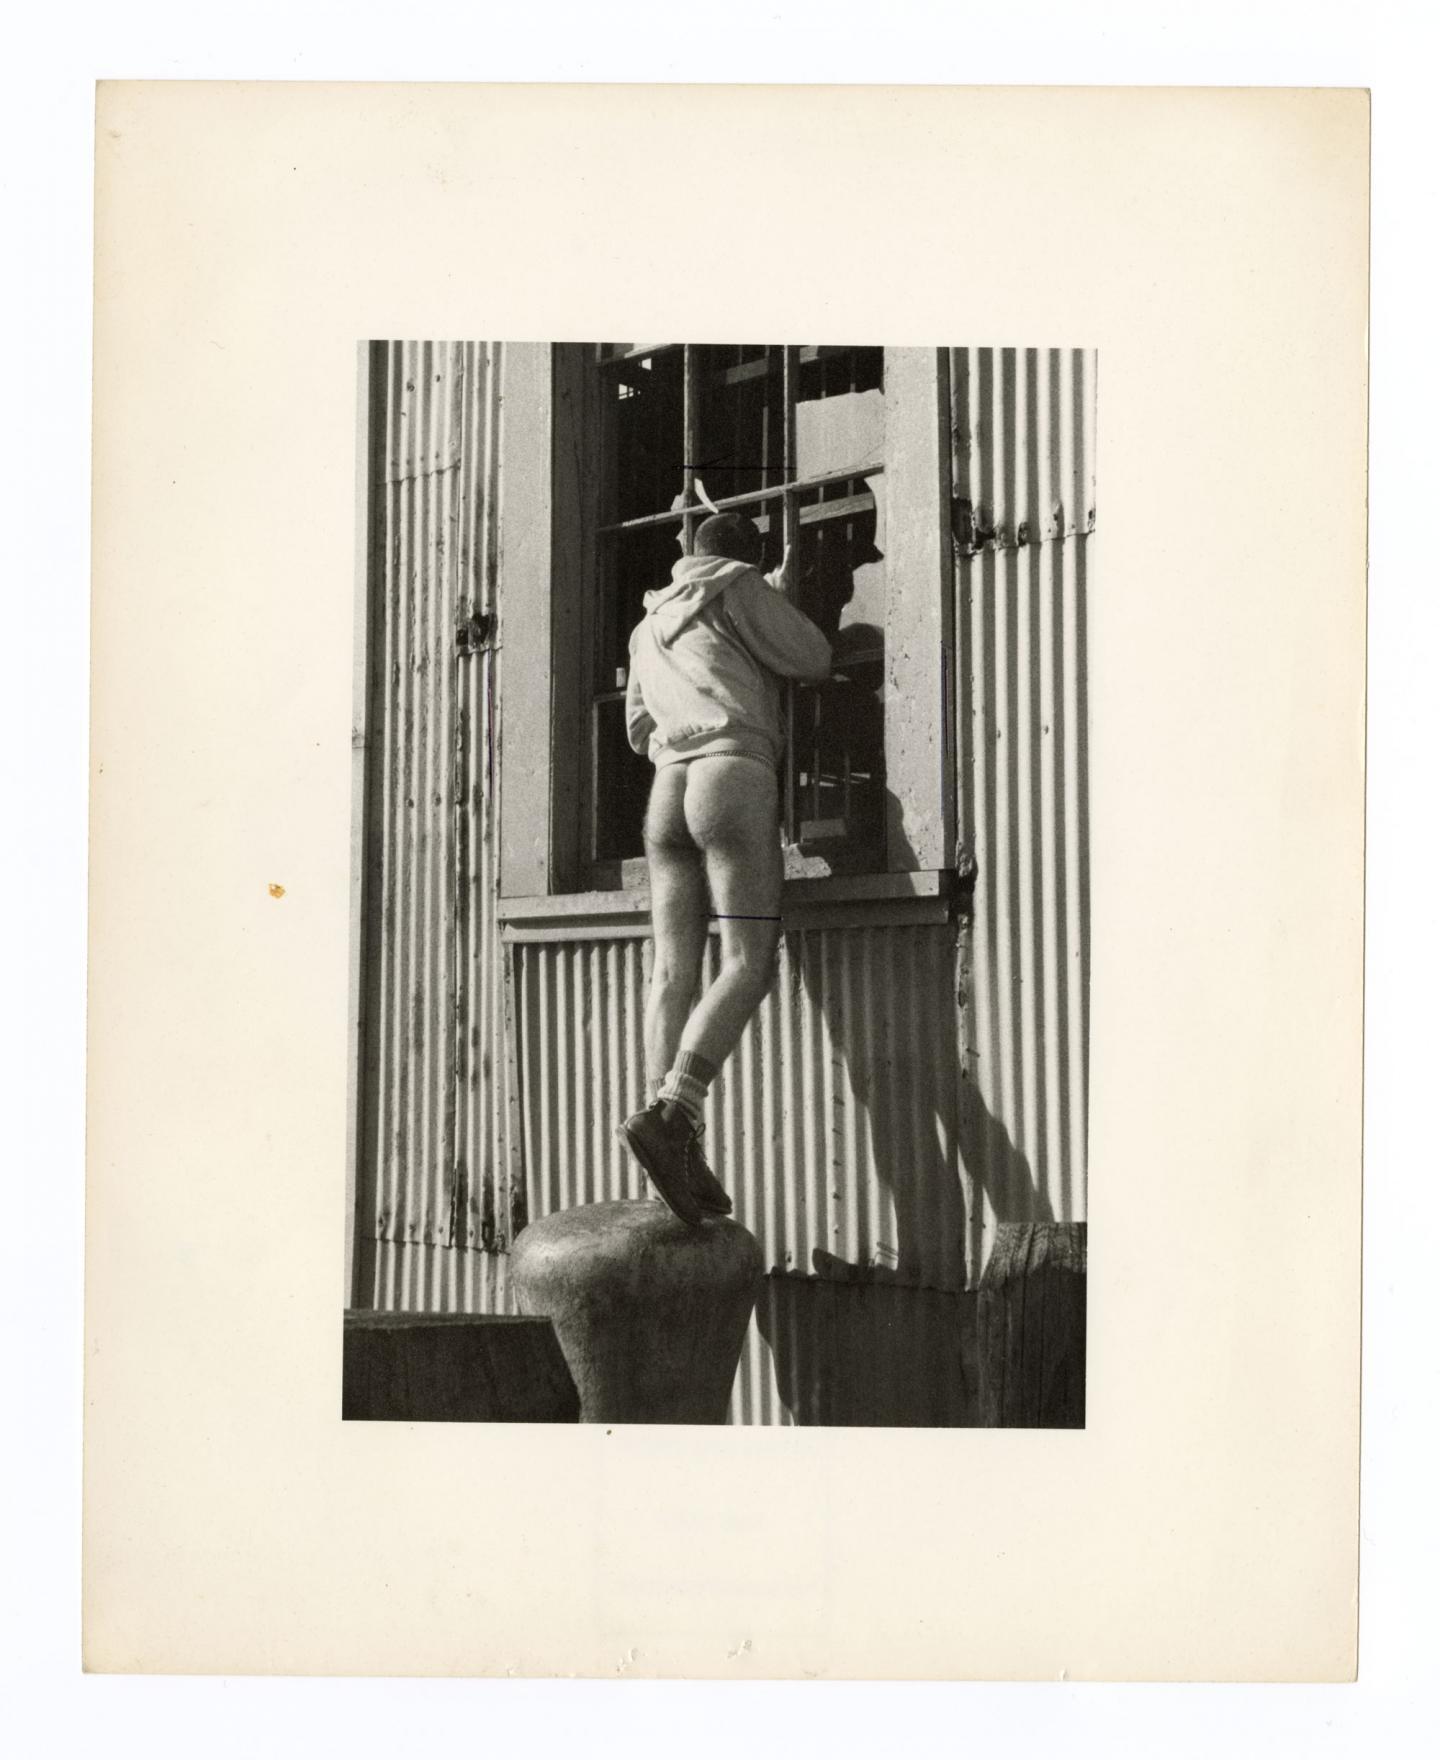 Alvin Baltrop, The Piers (man looking in window)